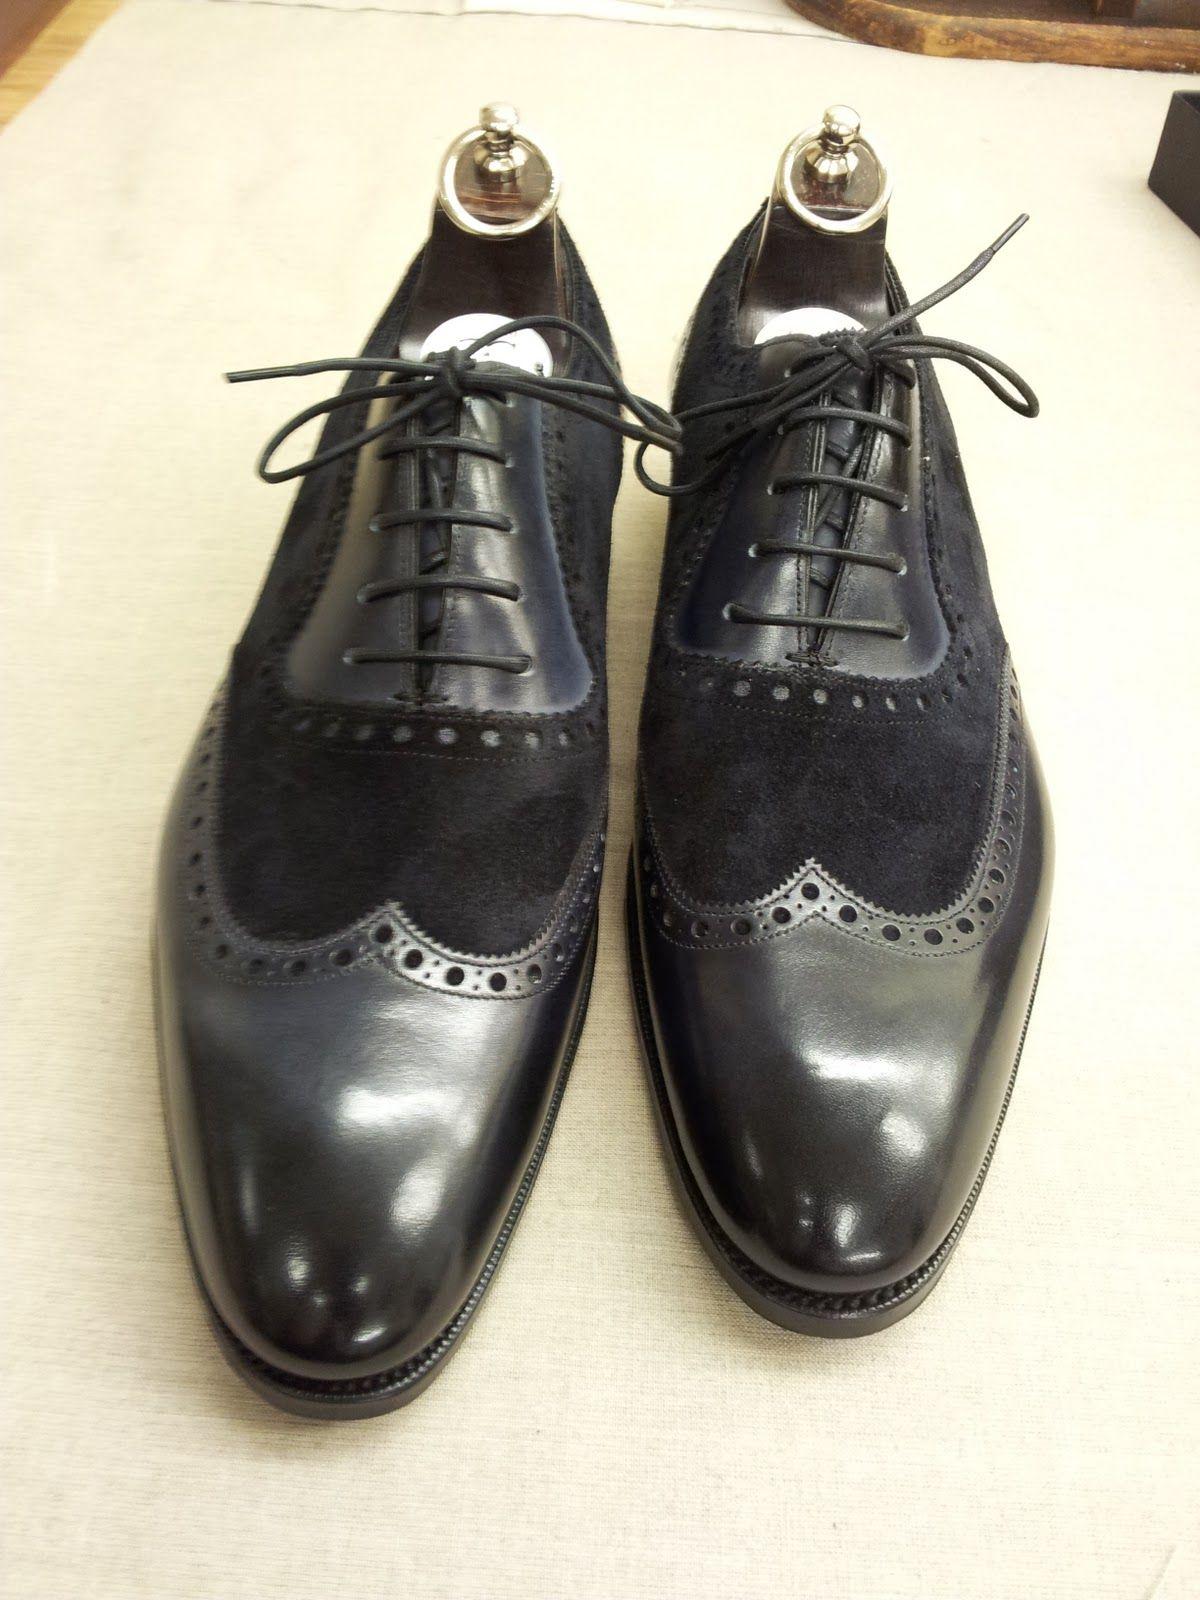 e993a7b2dac51 The Shoe Snob  September 2011   Sartorial Splendor   Pinterest